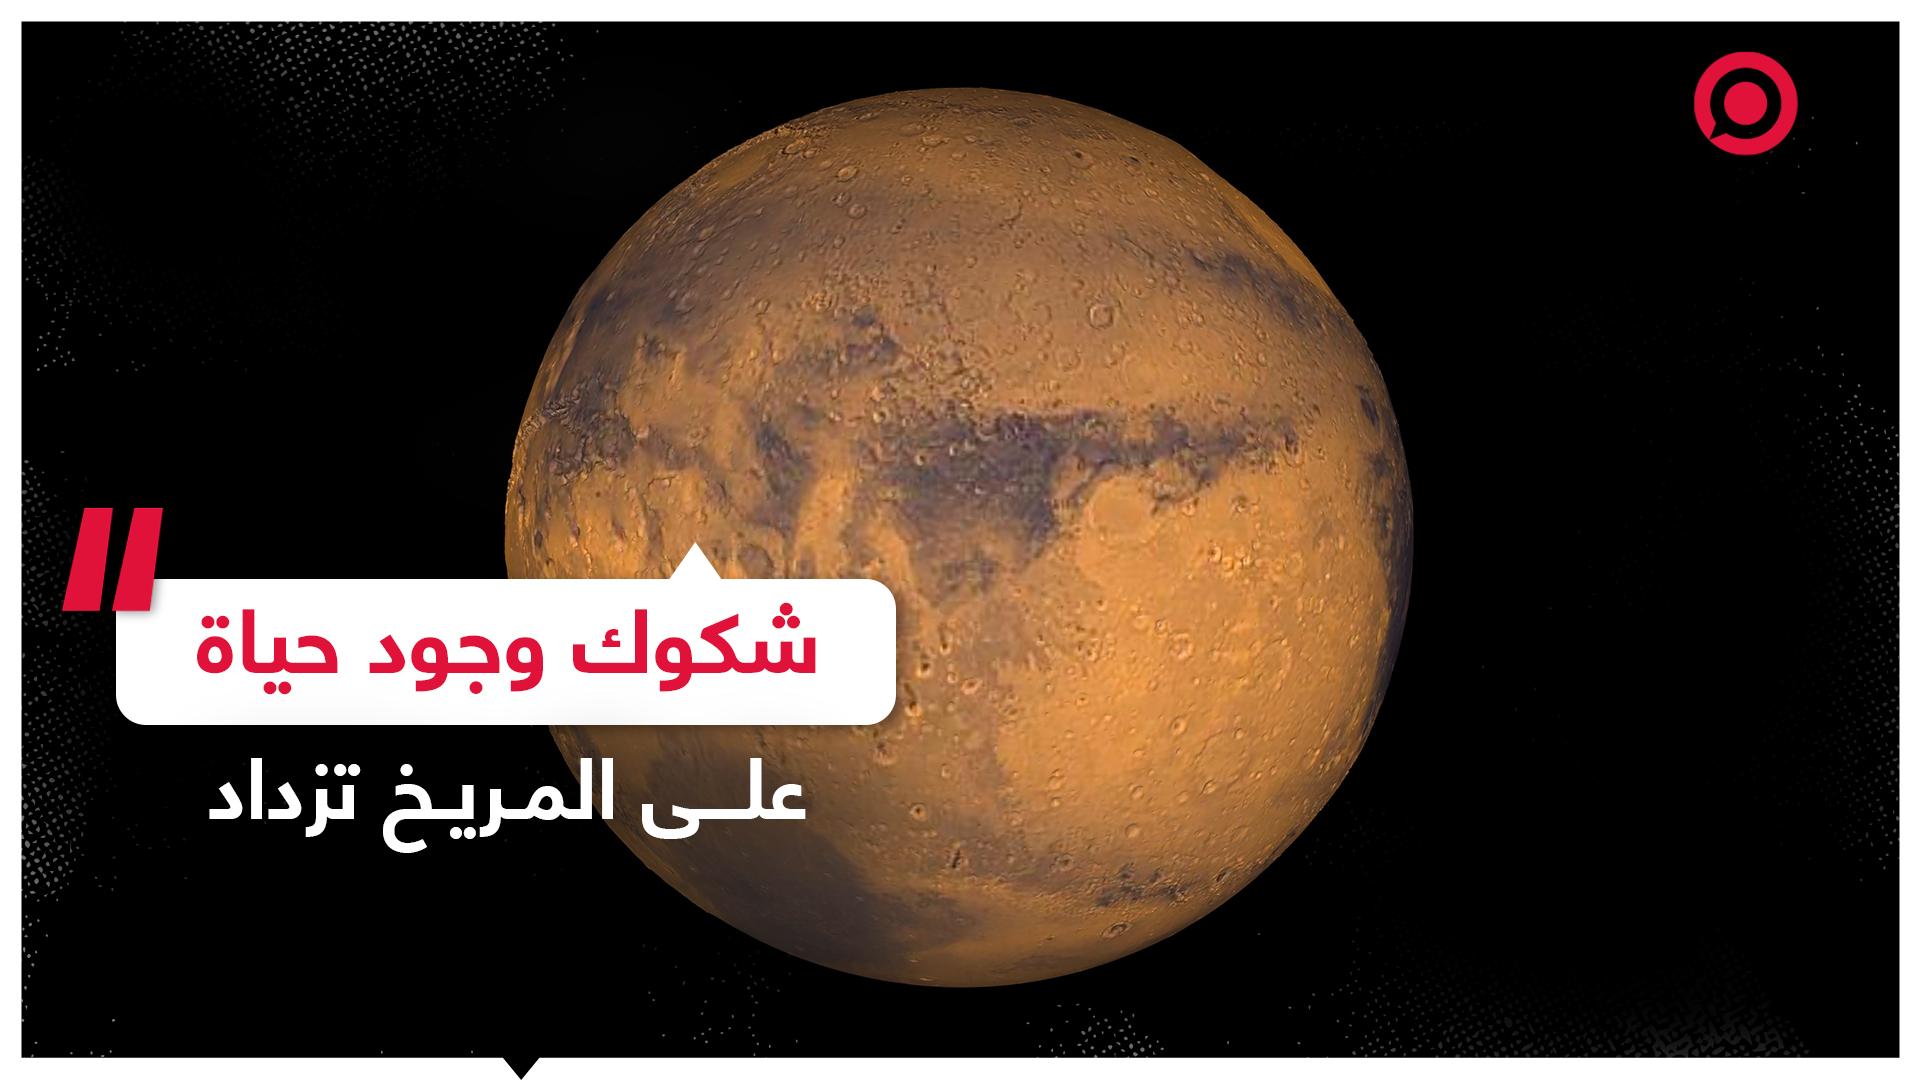 برك مالحة قد تكون موجودة أسفل سطح المريخ ما يزيد احتمال وجود حياة عليه